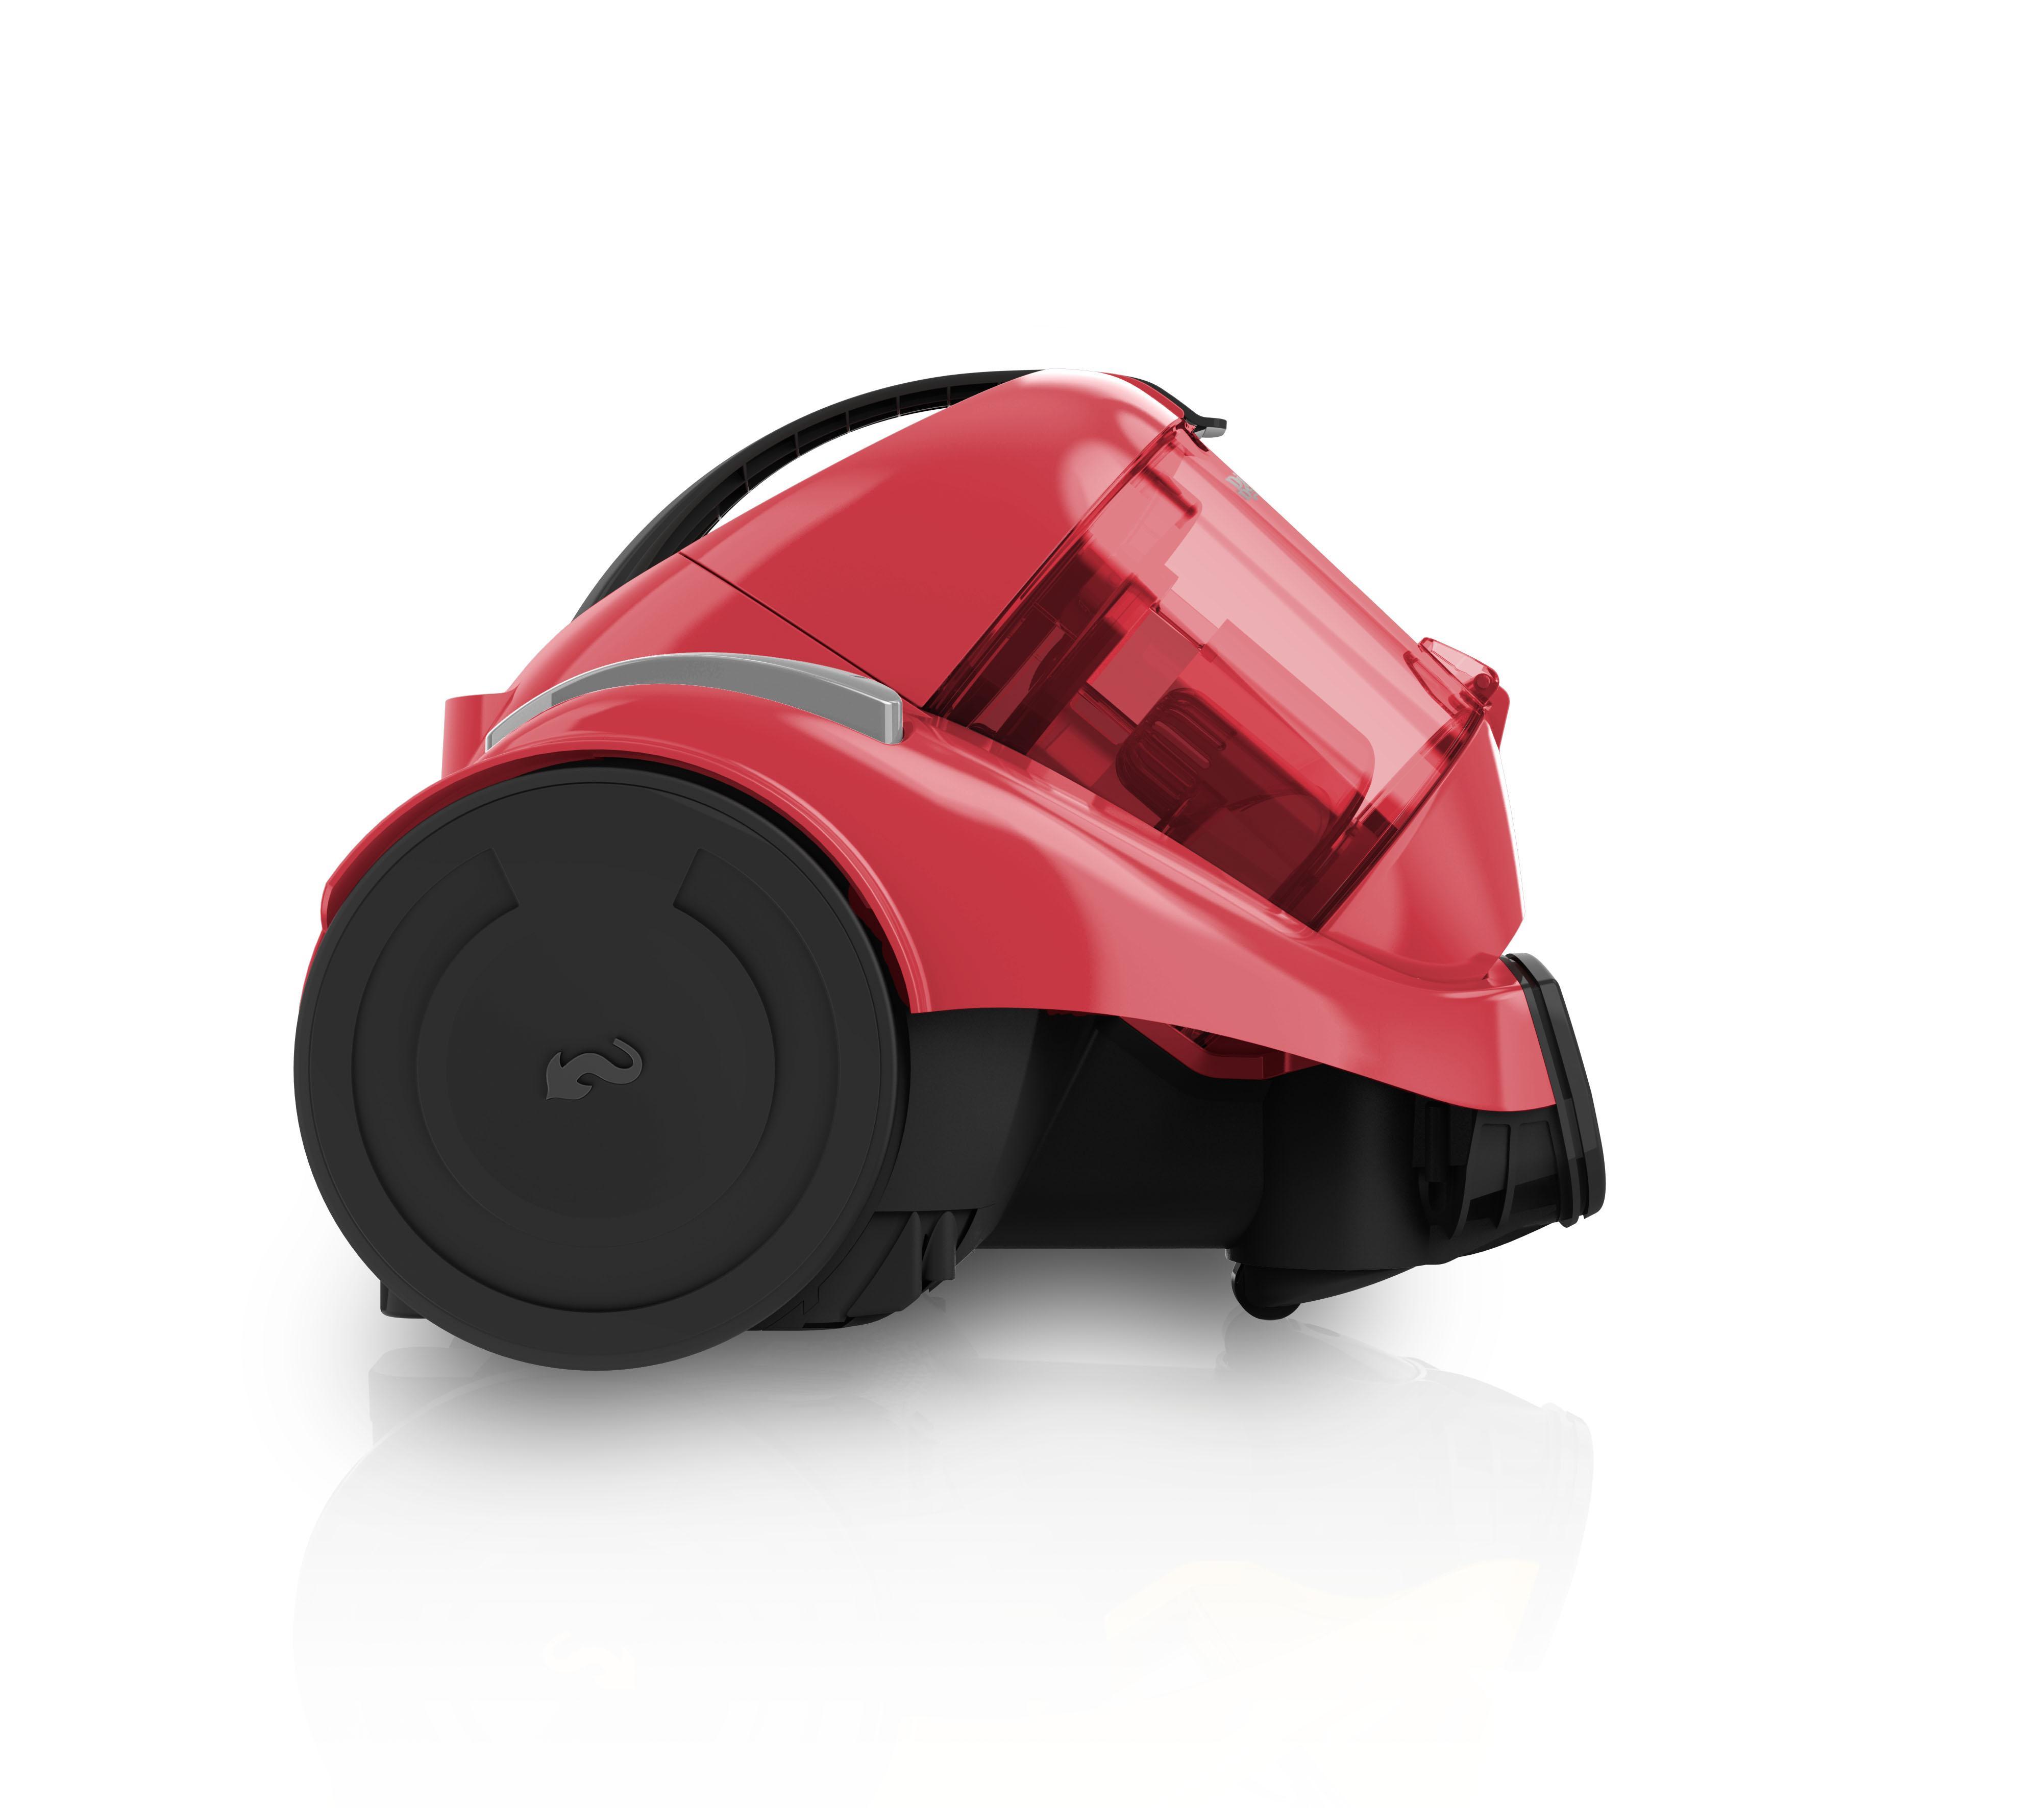 Dirt devil dd2324 7 popster aspirateur sans sac cyclonique for Aspirateur independant